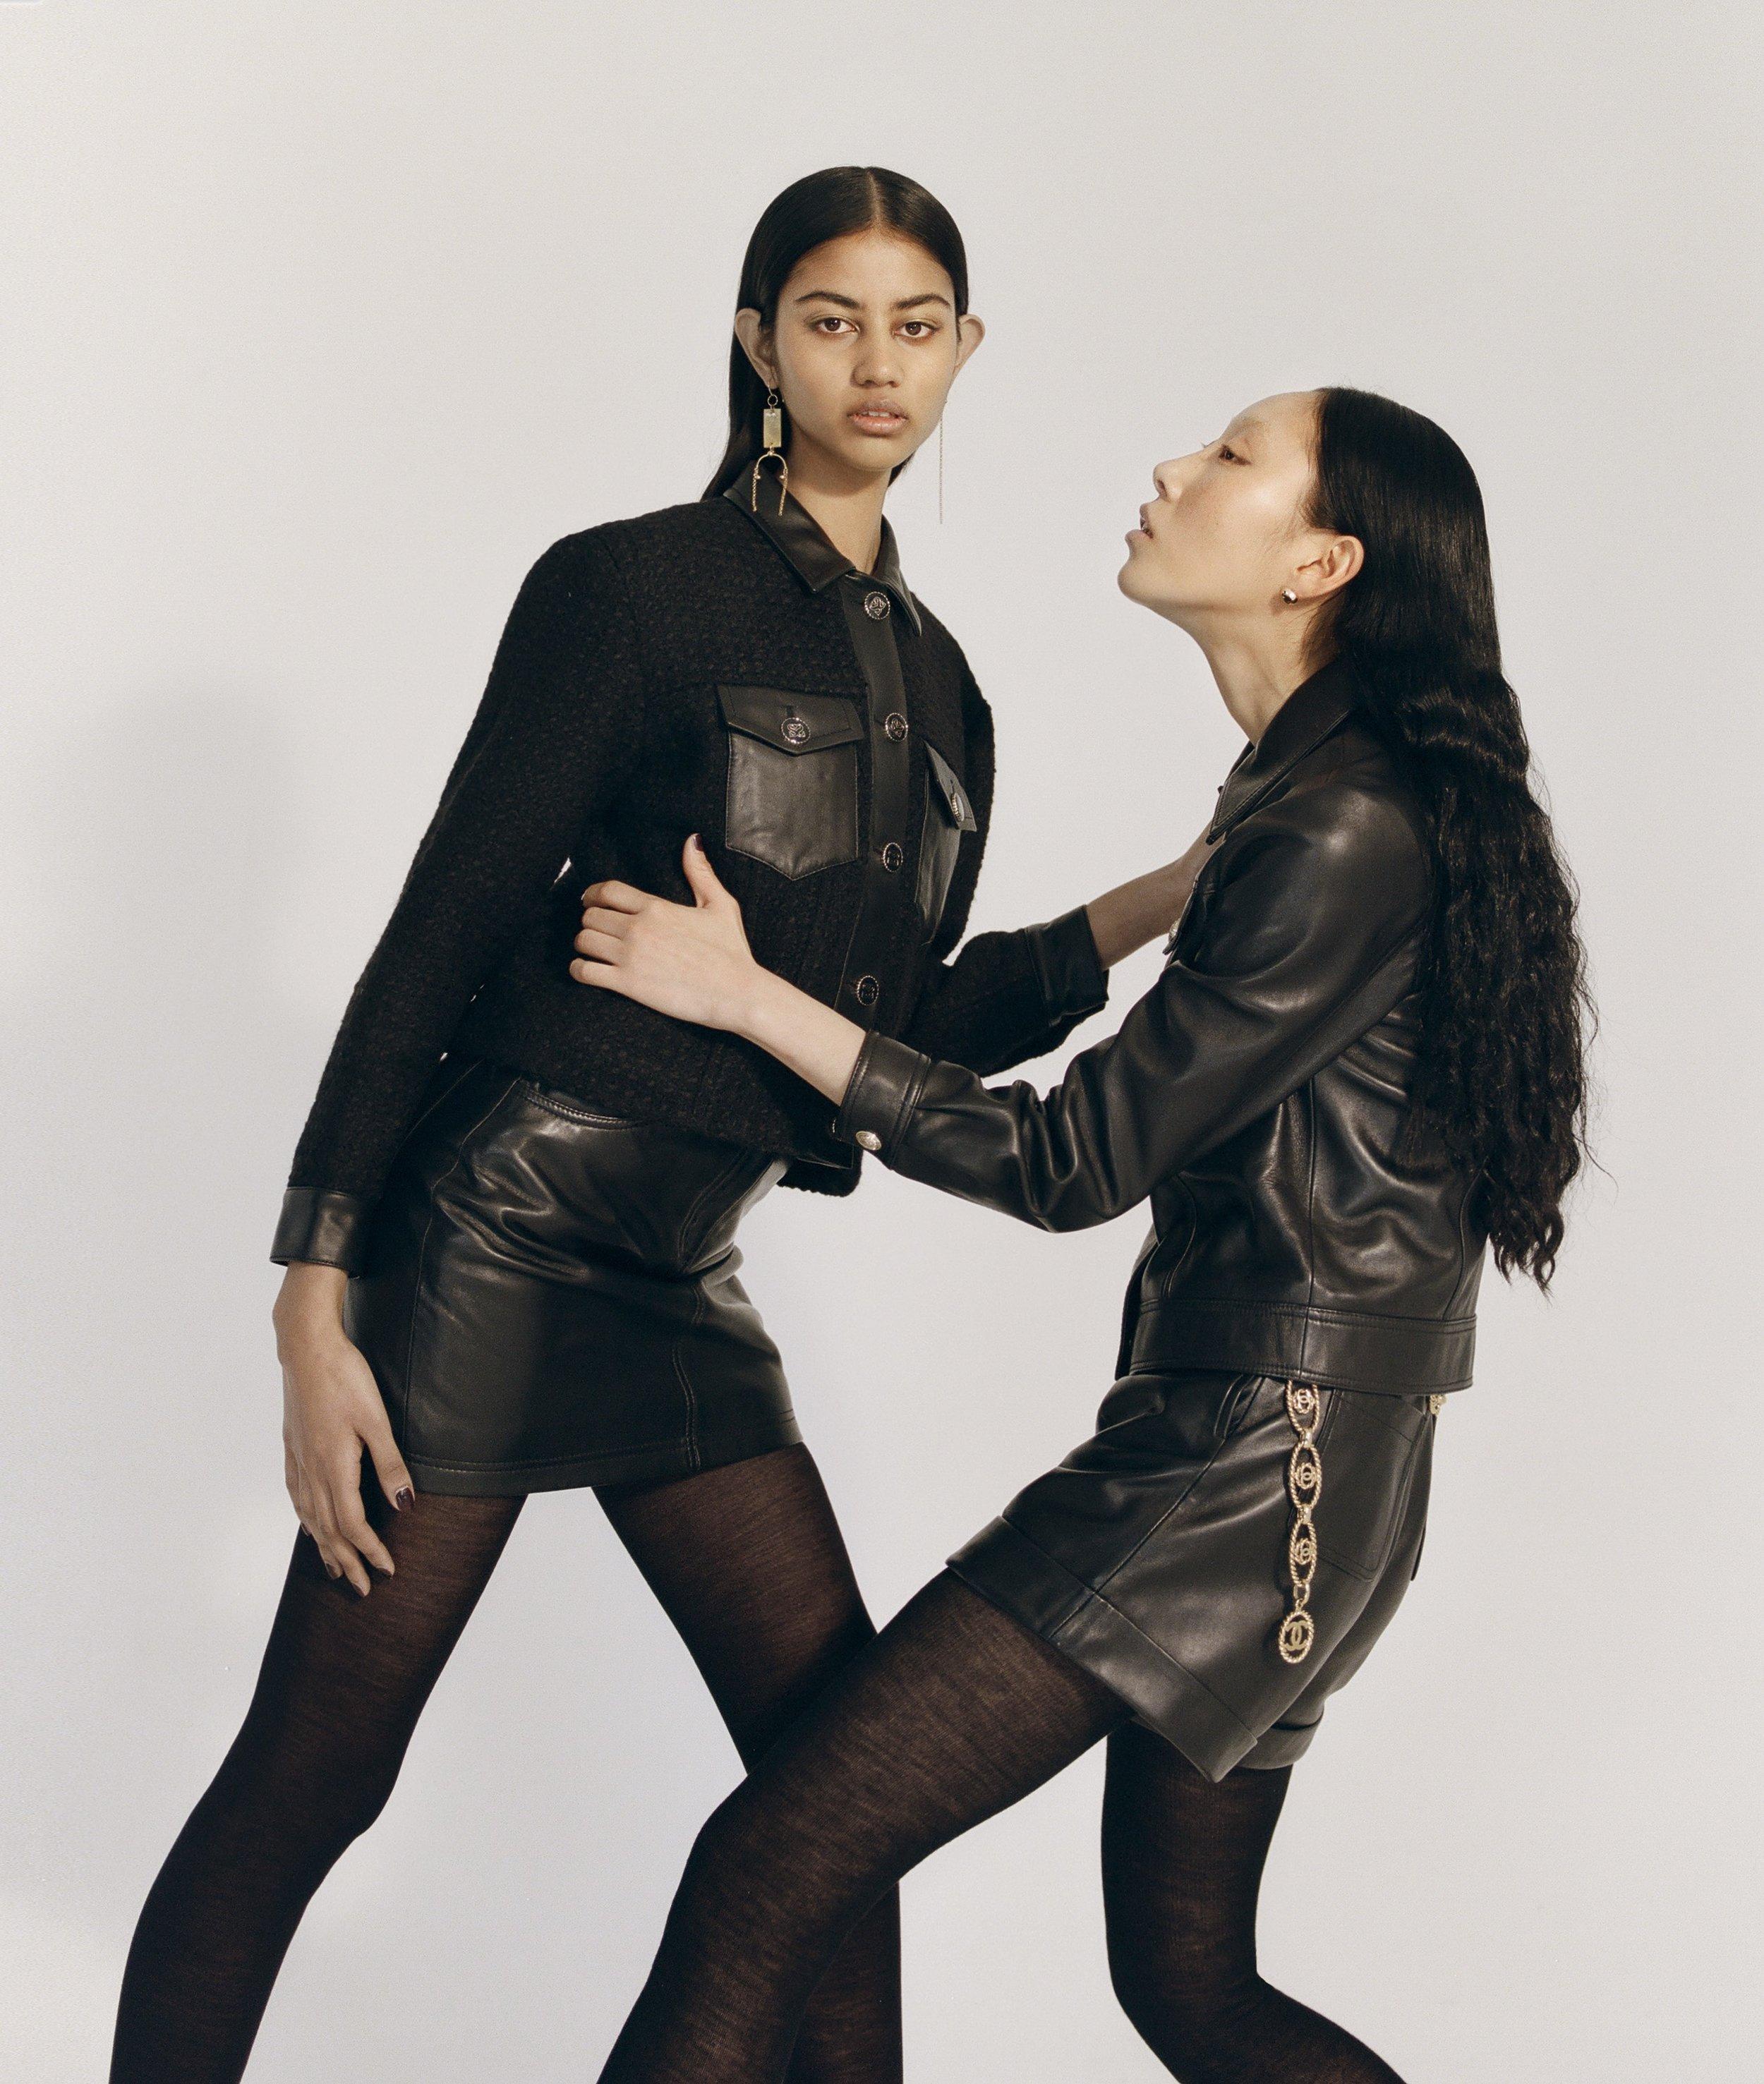 Varsha wears Sandro jacket, Claudie Pierlot skirt and Petit Grand earrings Lim Lee wears Claudie Pierlot jacket and Sandro shorts